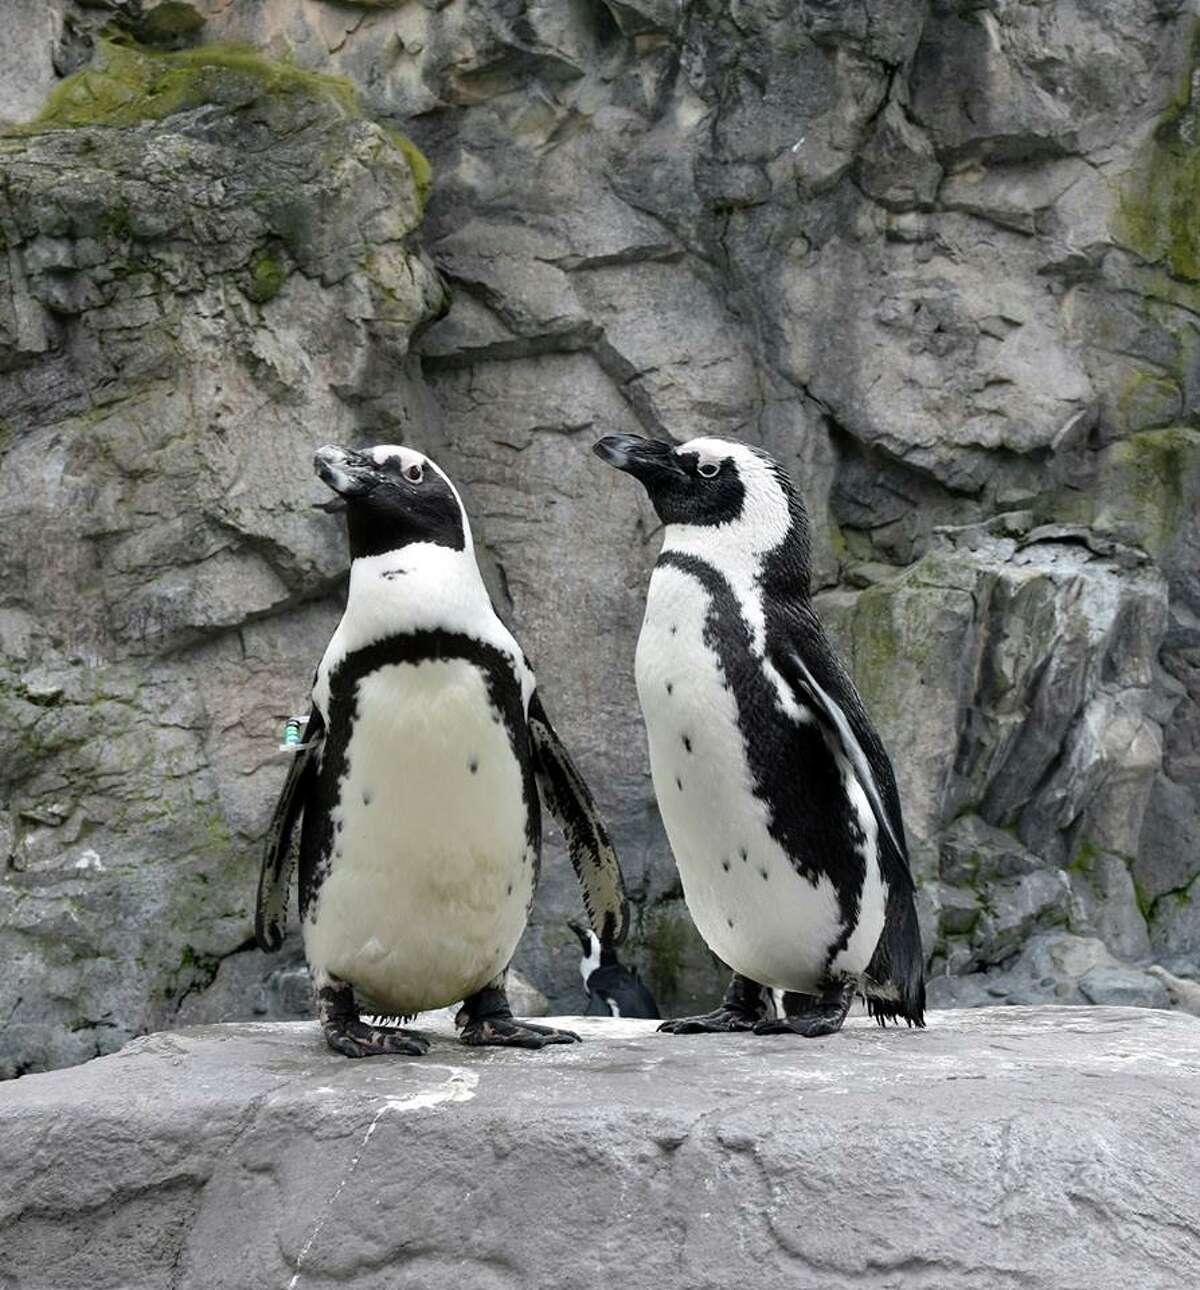 Penguins at mystic Aquarium in Mystic, Conn.